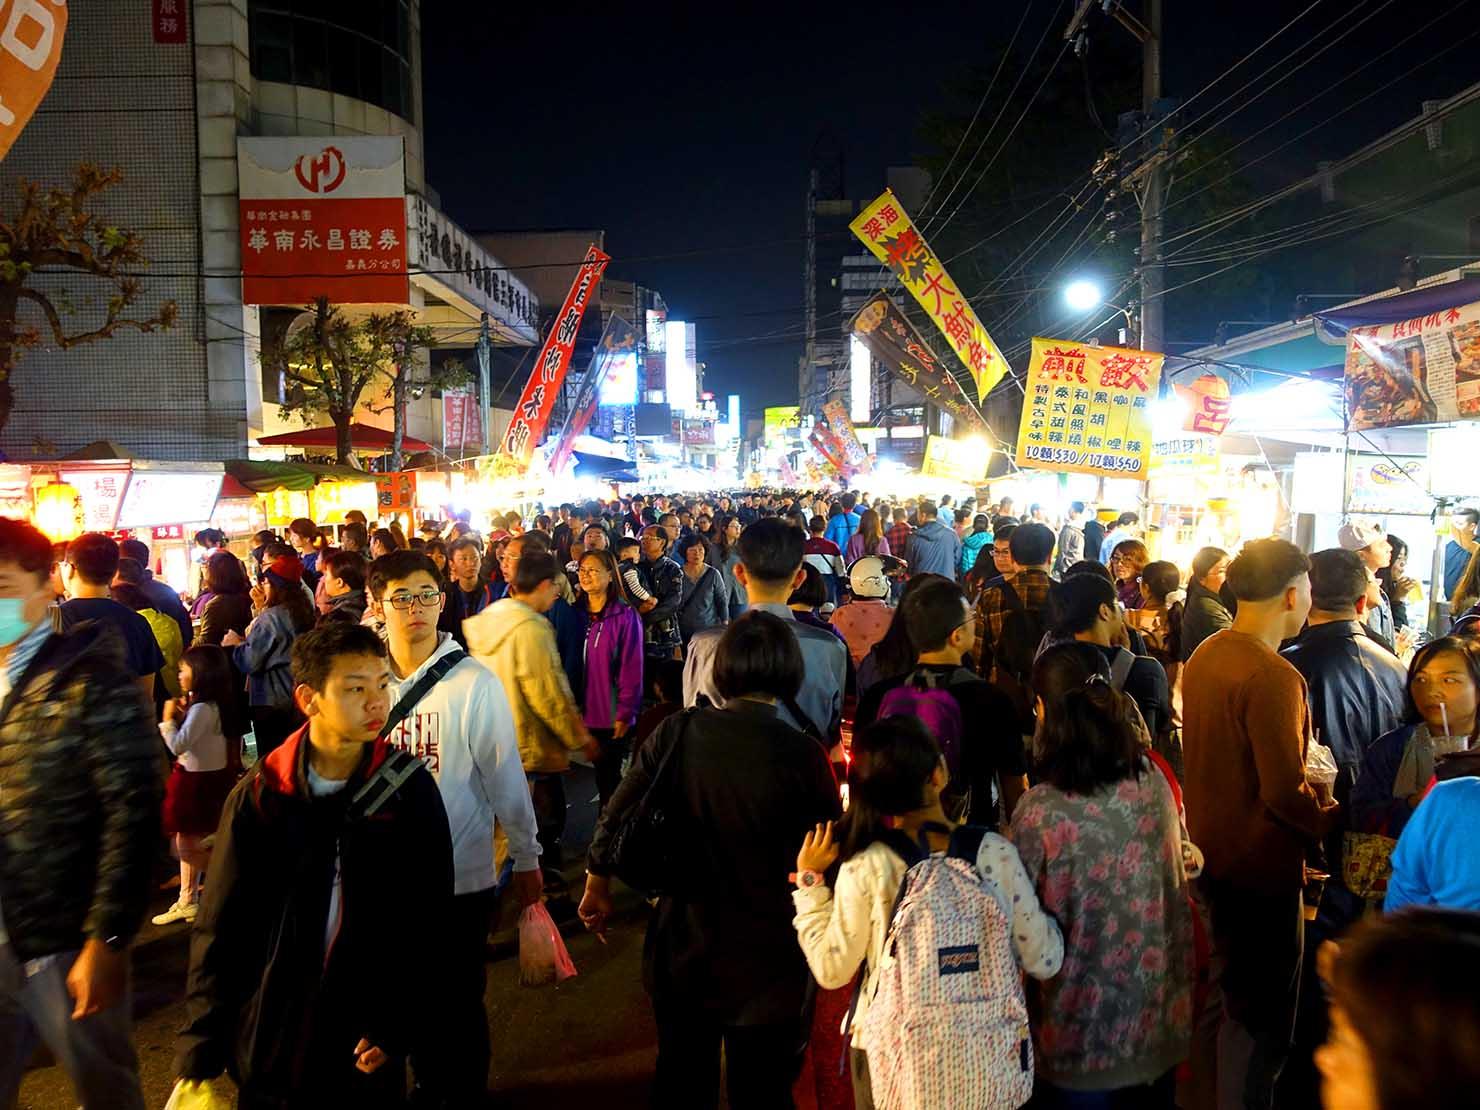 嘉義のおすすめ観光スポット「文化路夜市」に集まるお客さんたち